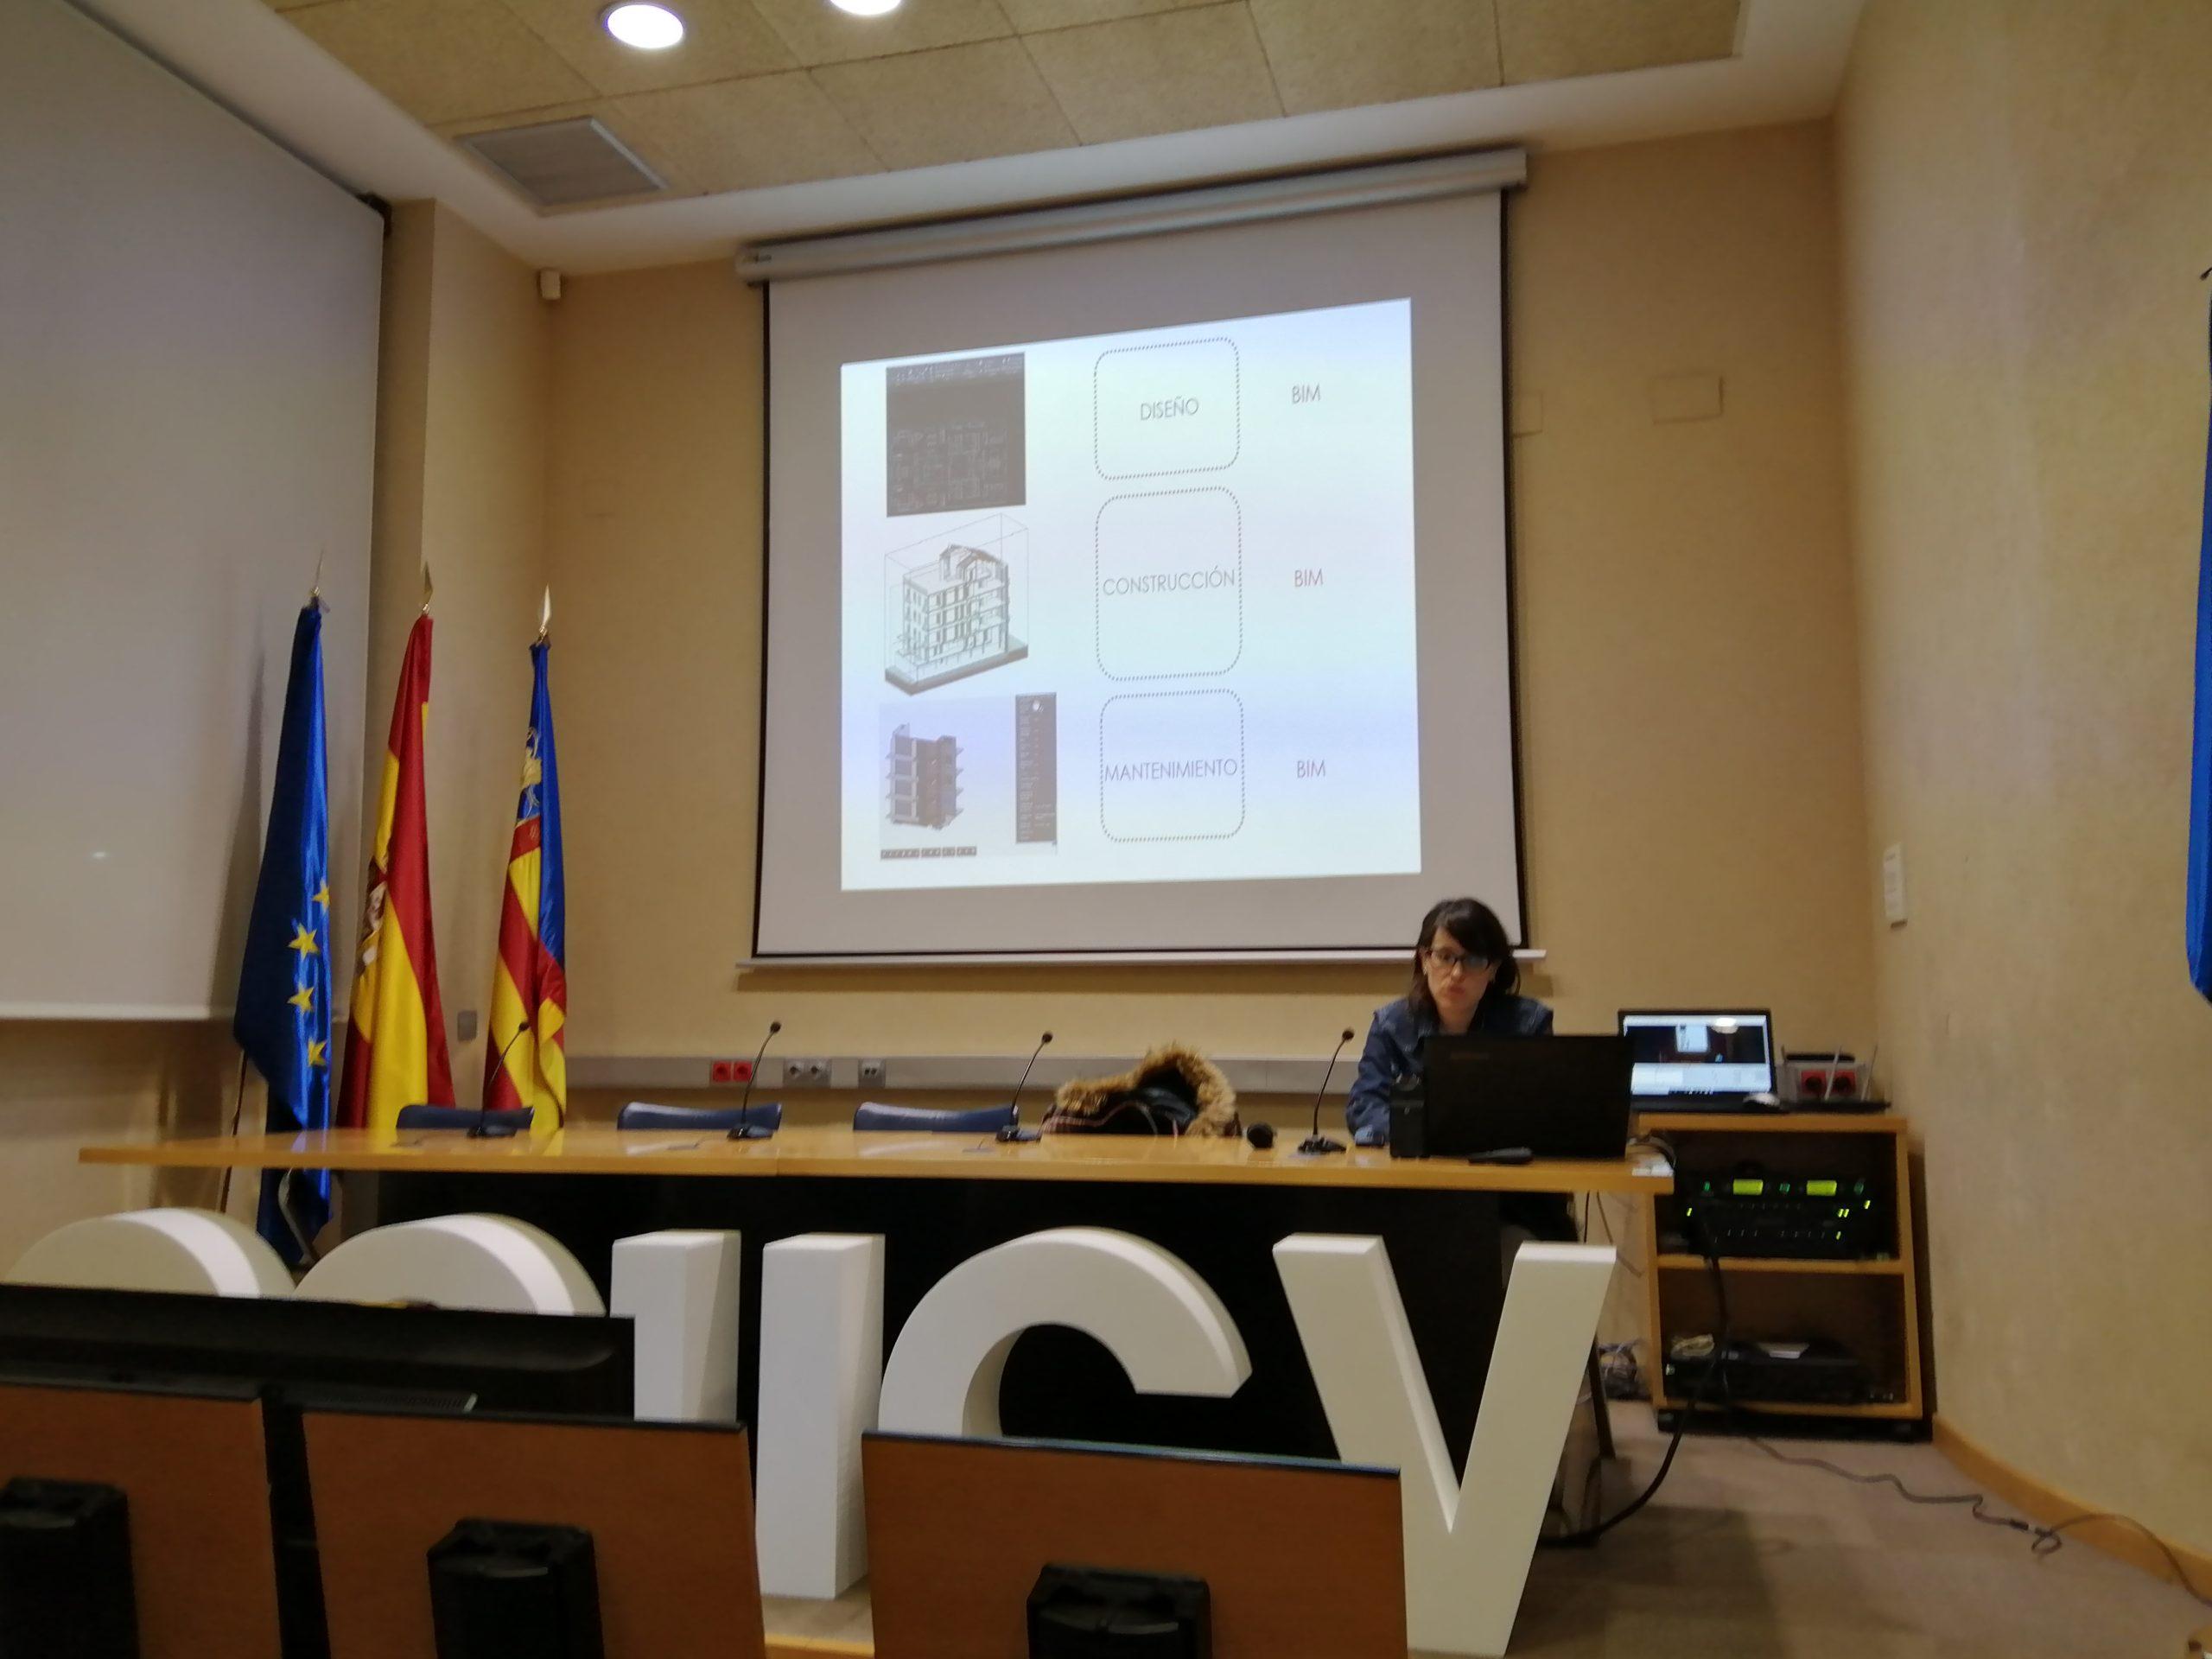 El COIICV celebra la tercera jornada de BIM en construcción de la mano de Isabel Jordán